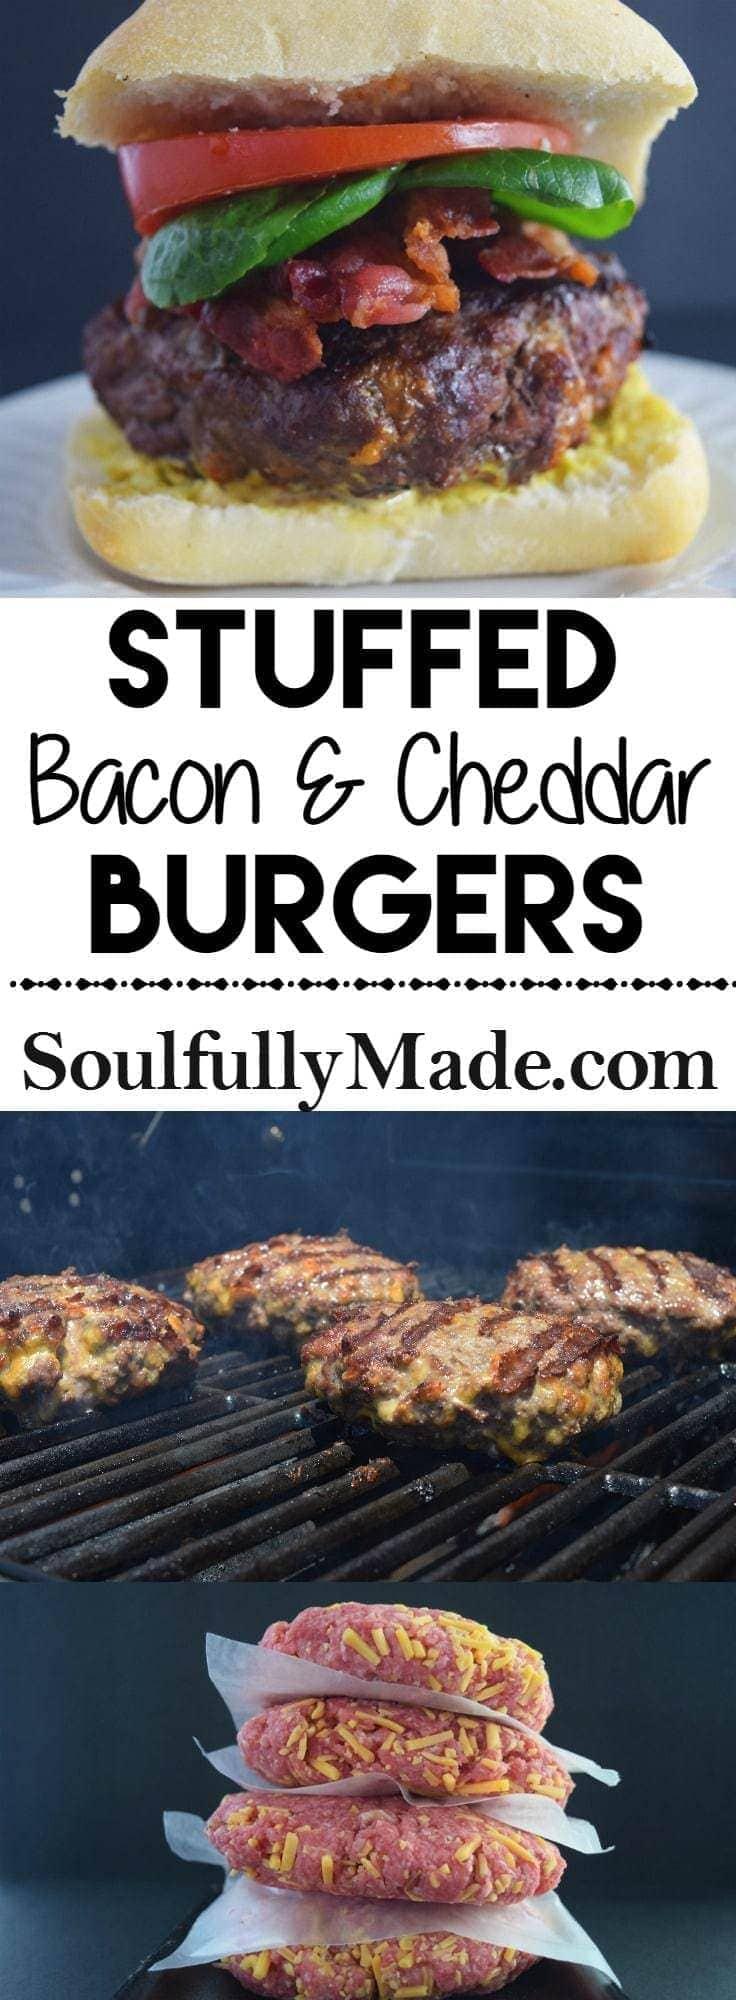 Stuffed Bacon & Cheddar Burgers